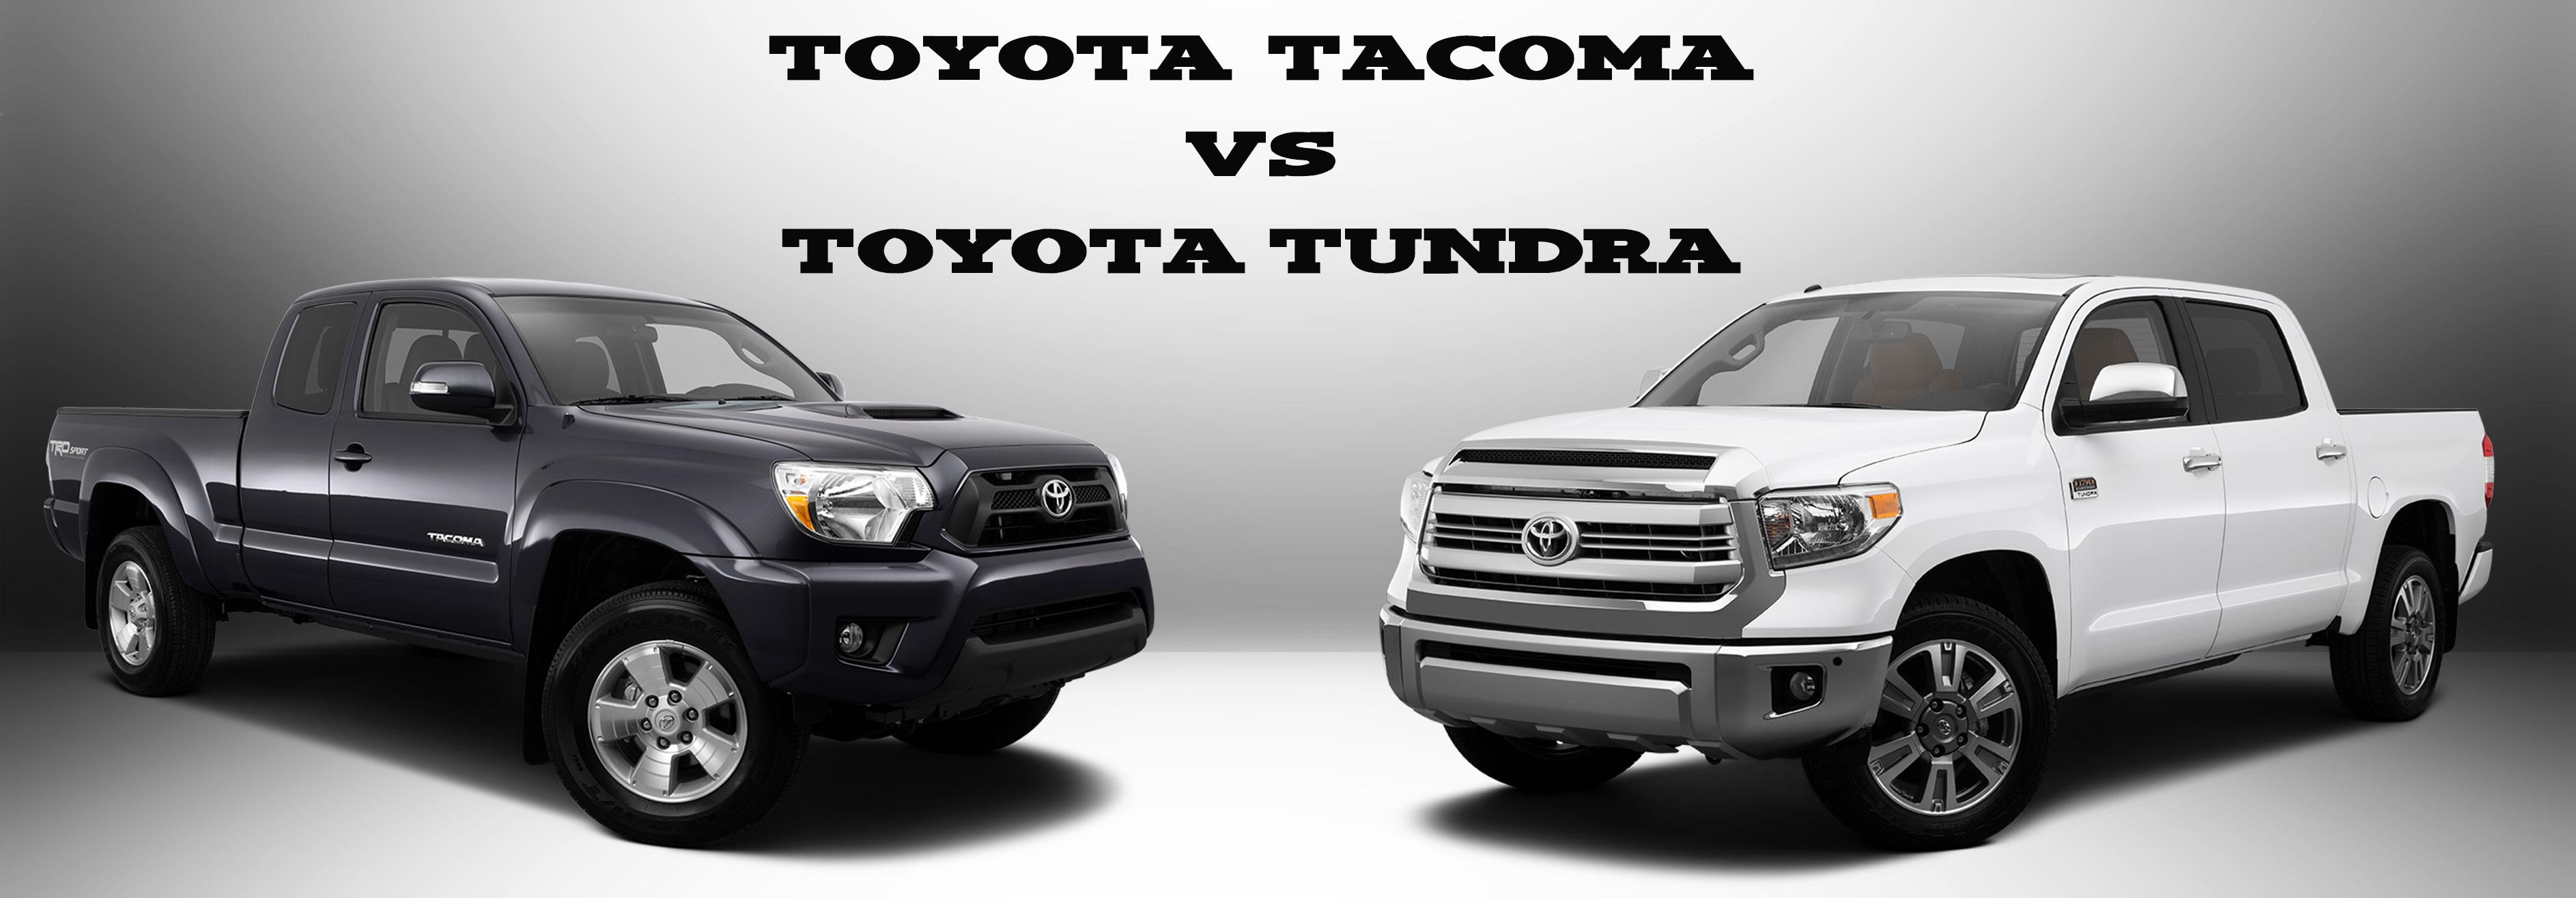 toyota-tacoma-vs-toyota-tundra - Limbaugh Toyota Reviews ...